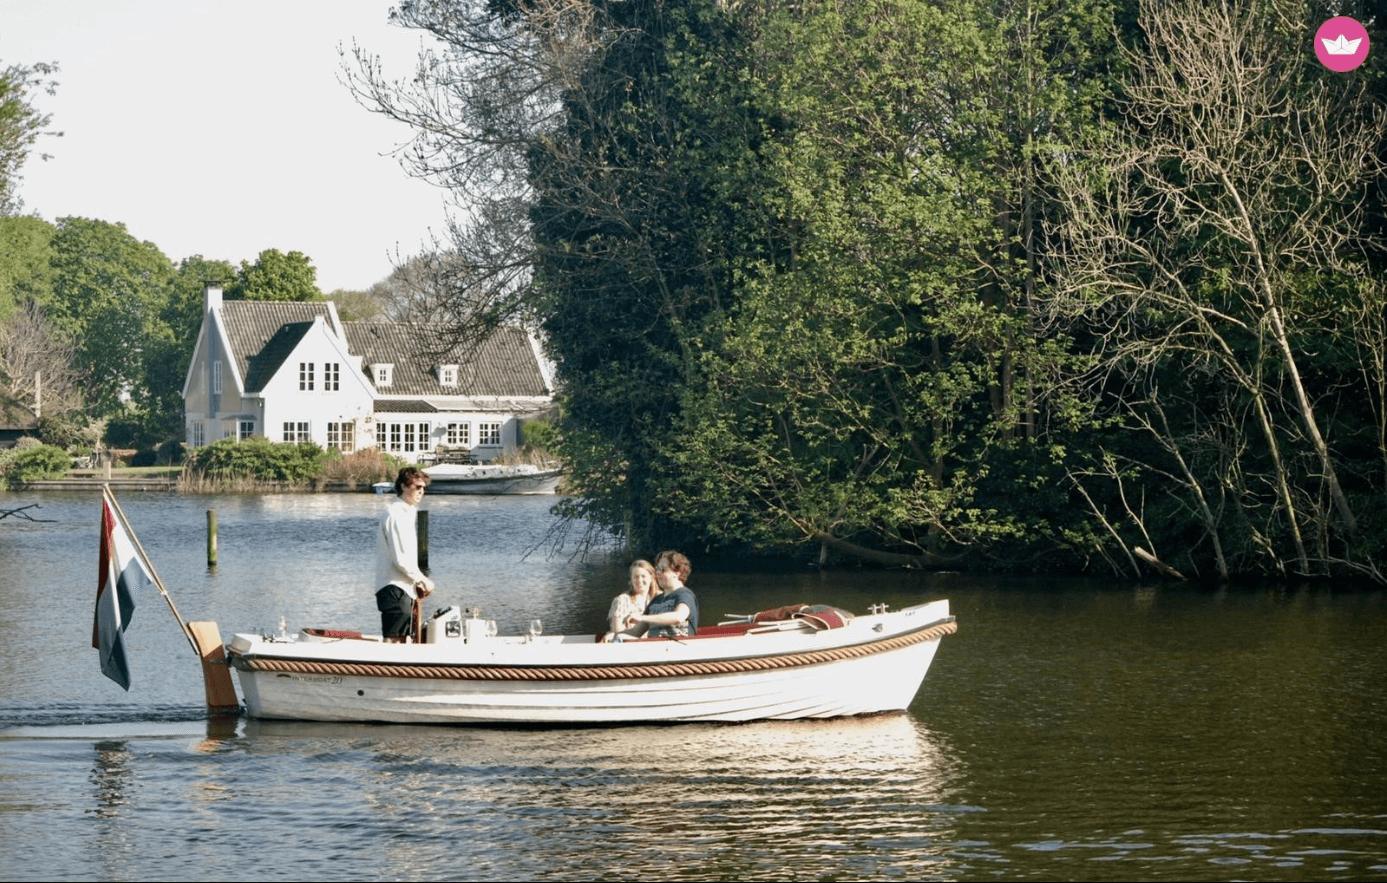 Sloep op een meer